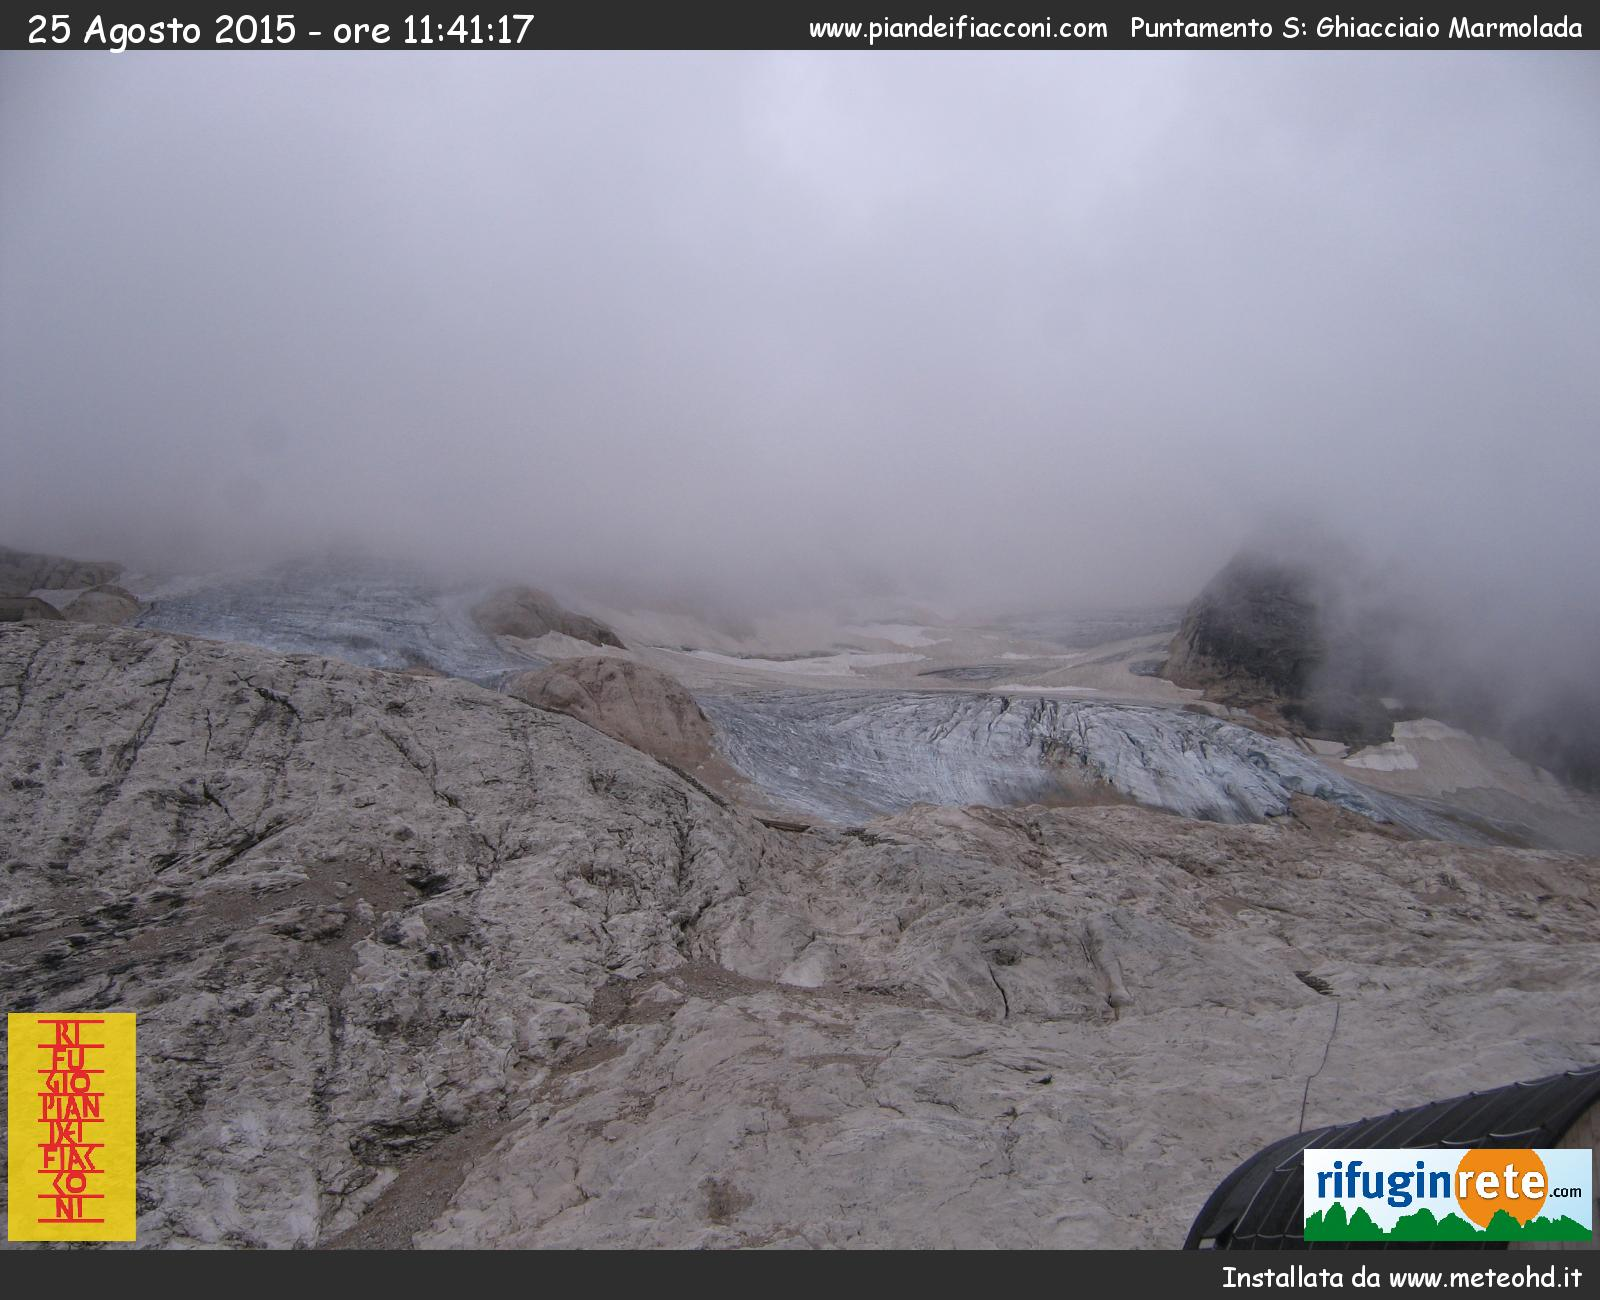 Il calo del ghiacciaio della Marmolada-cam.jpg